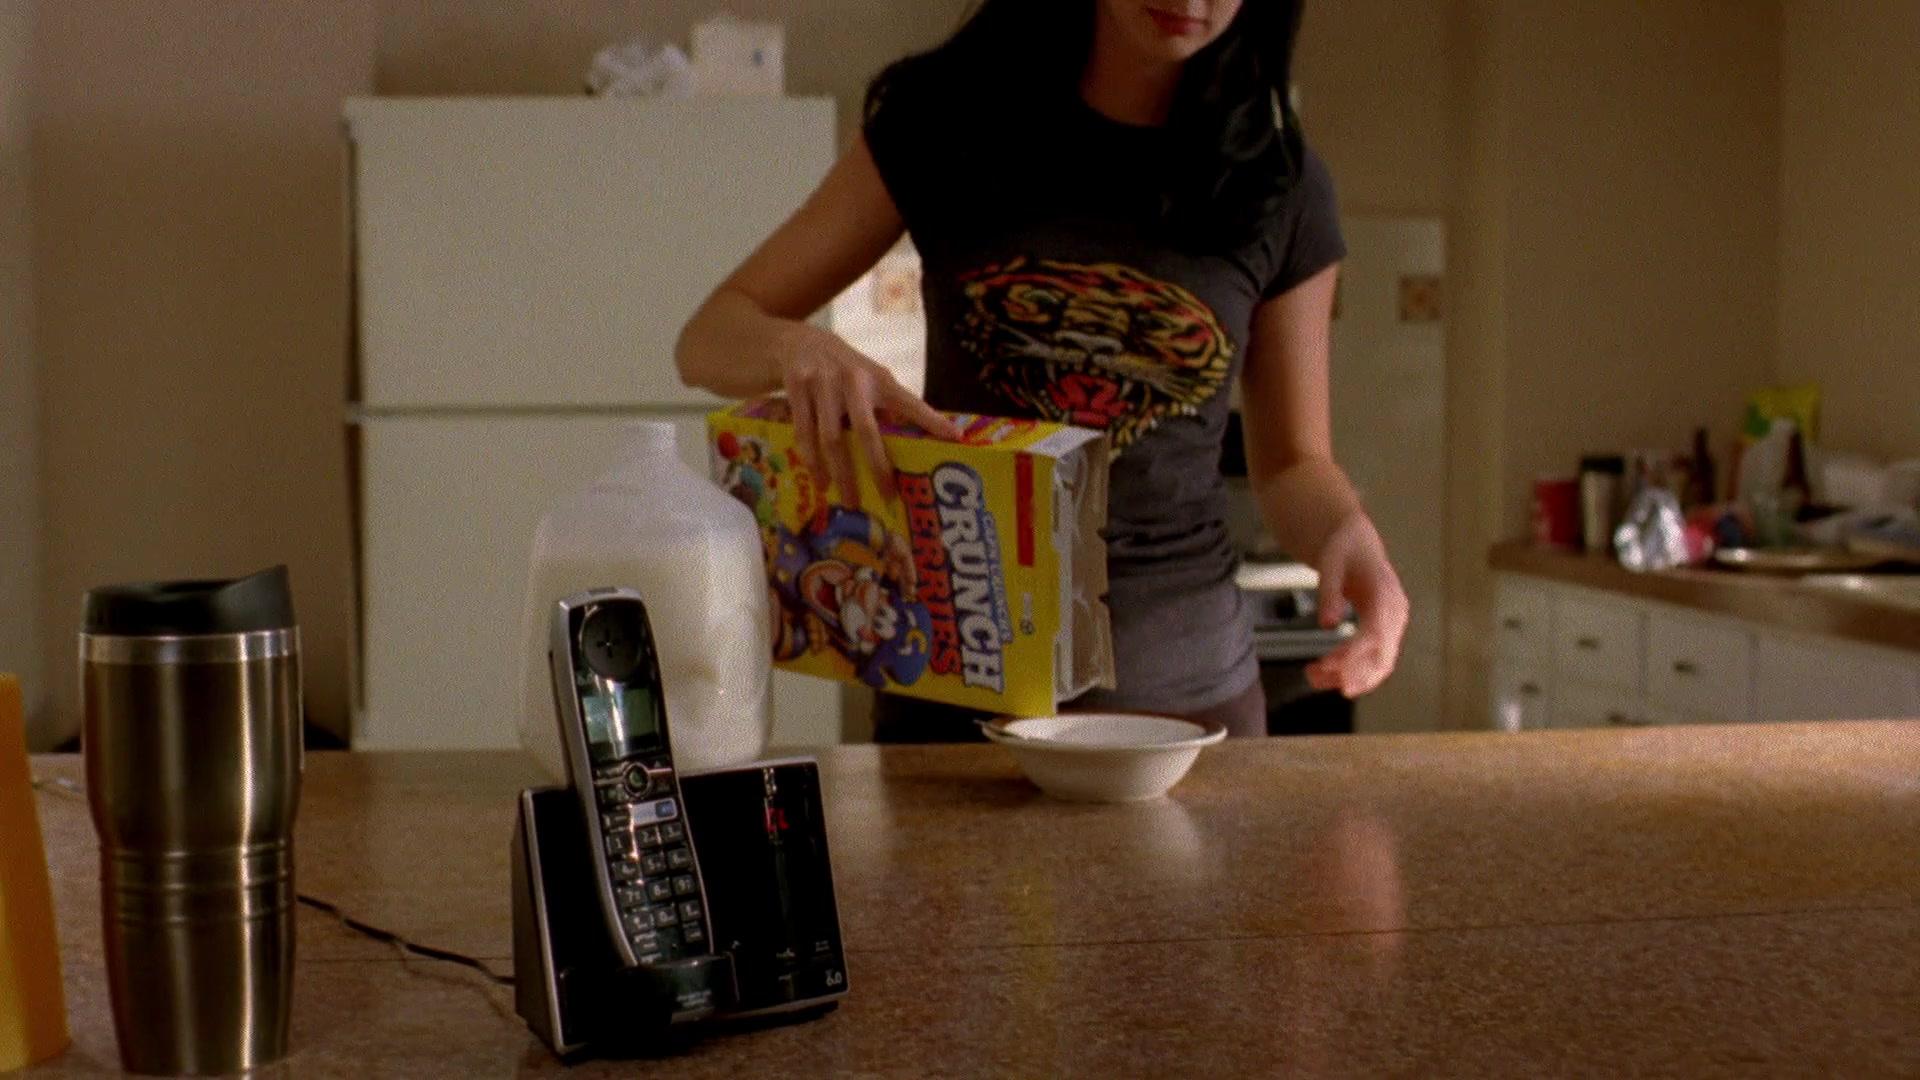 Cap'n Crunch Berries Breakfast Cereal in Breaking Bad Season